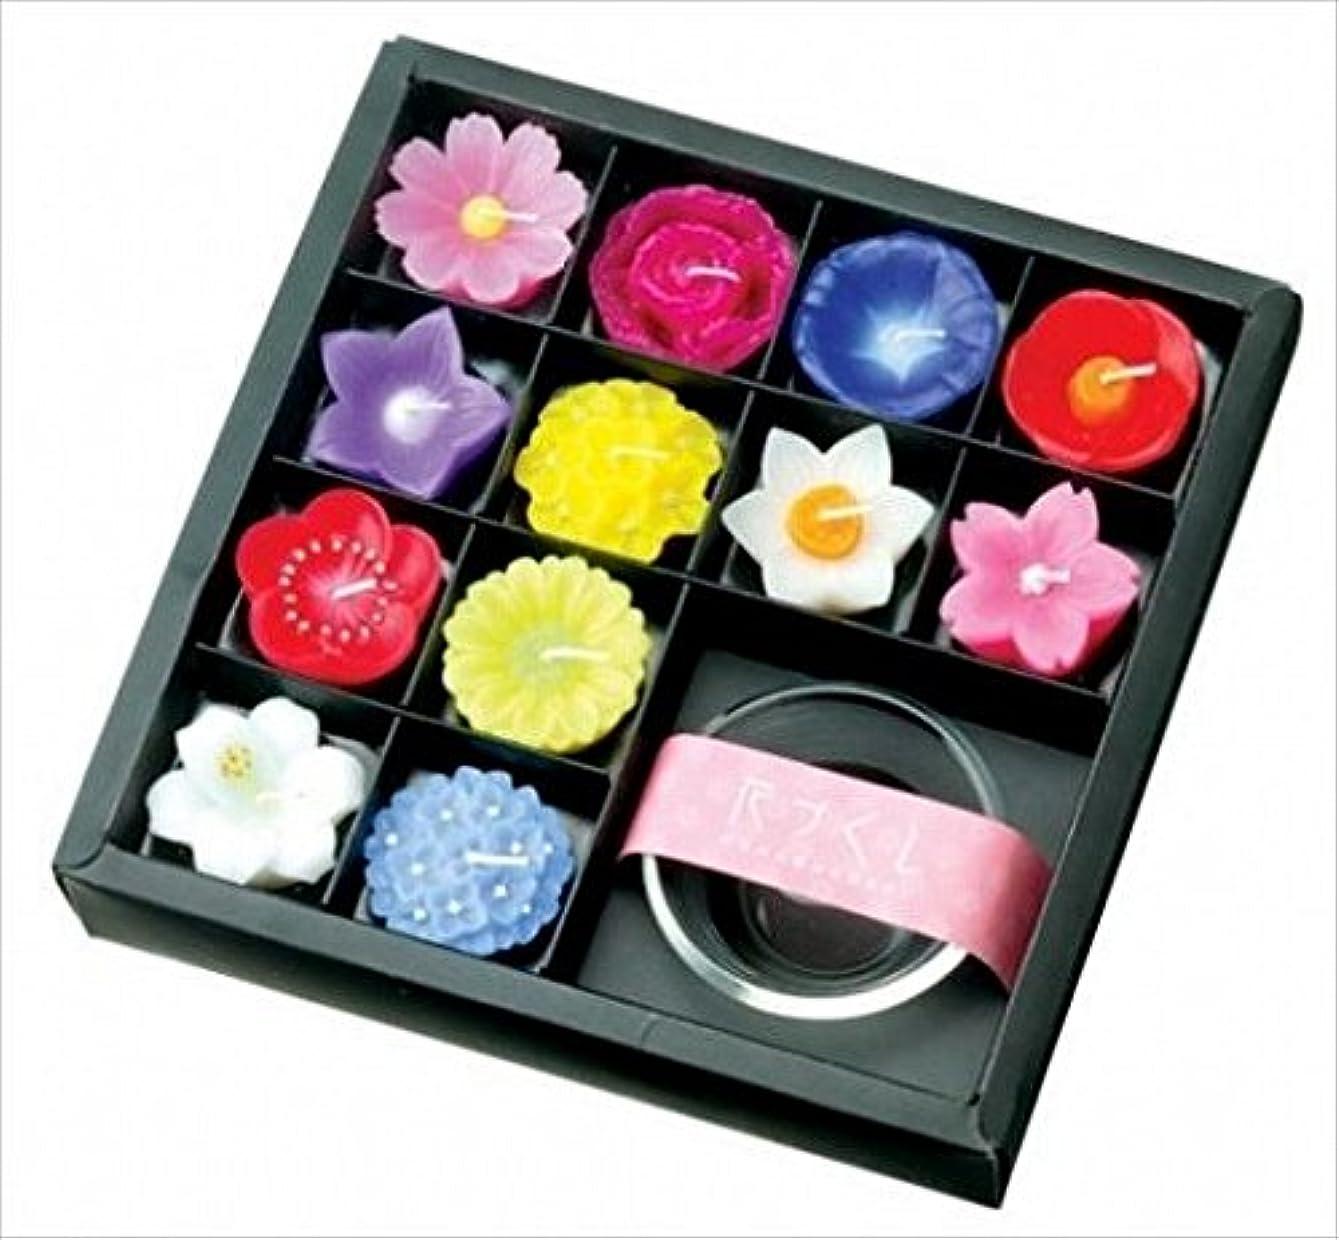 セールスマンヘロイン逆kameyama candle(カメヤマキャンドル) 花づくしギフトセット キャンドル(A6099000)